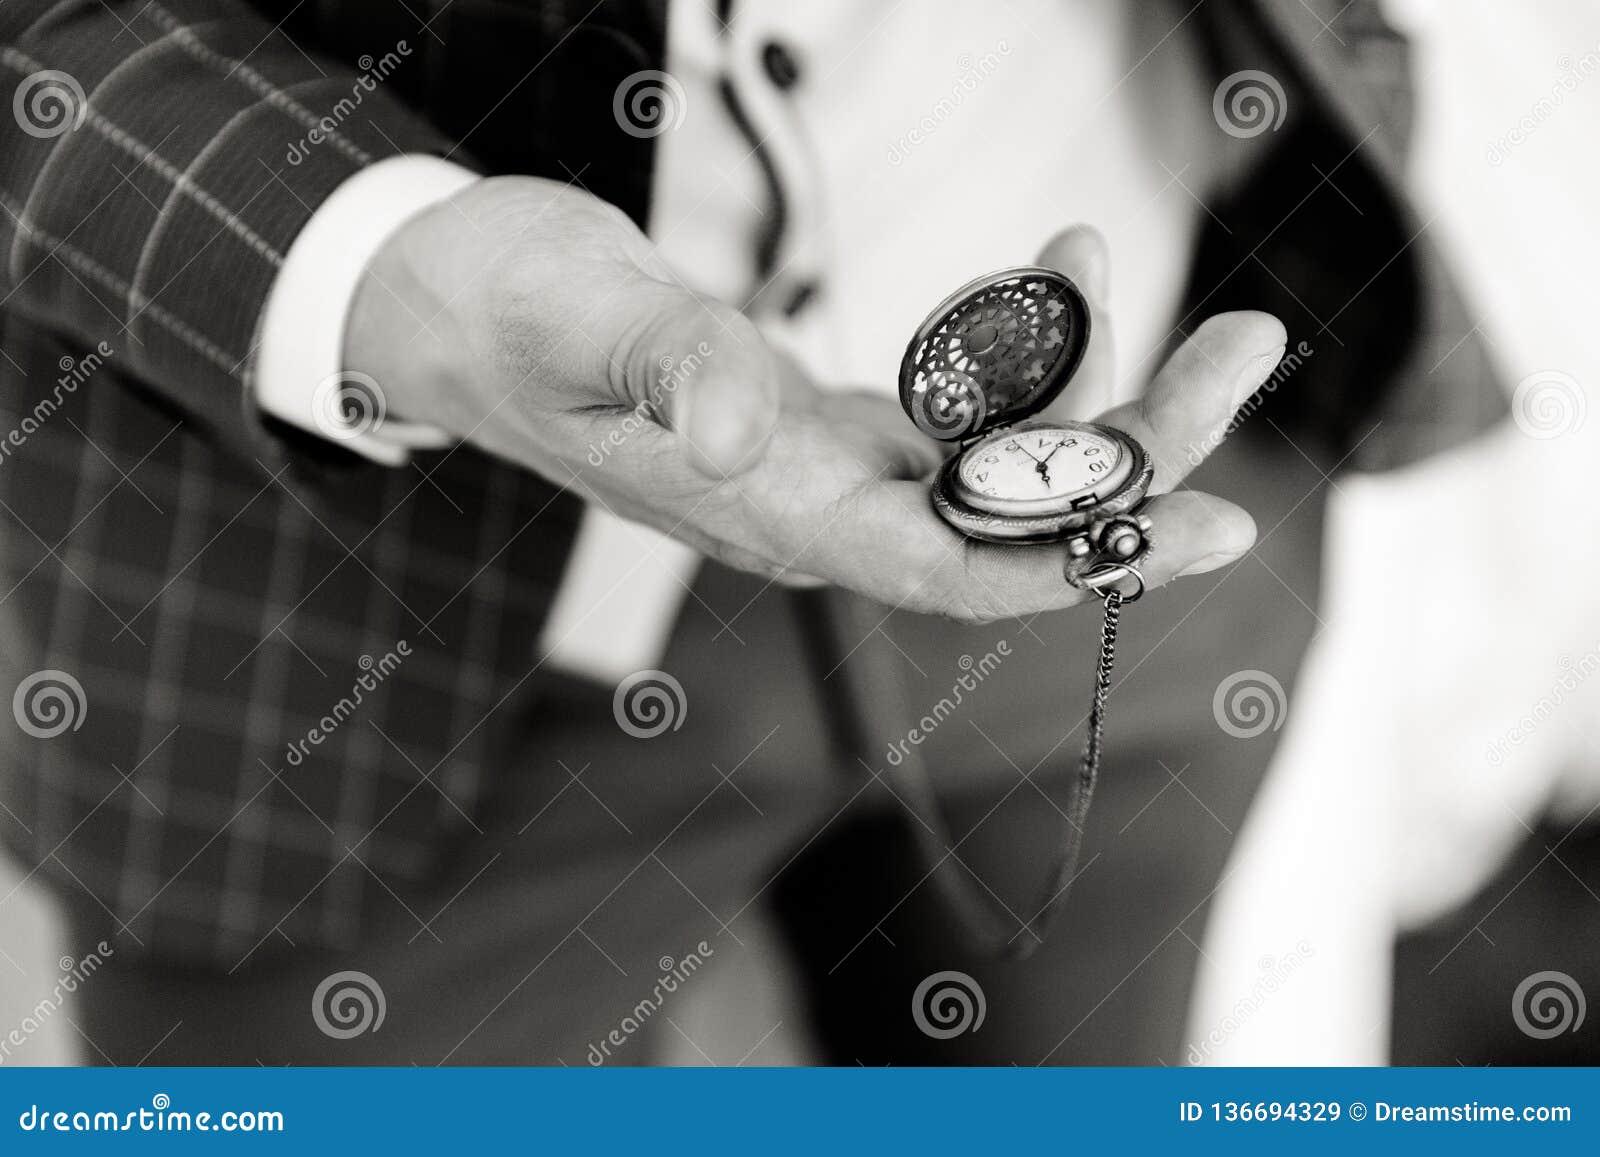 Zakhorloge in een man hand